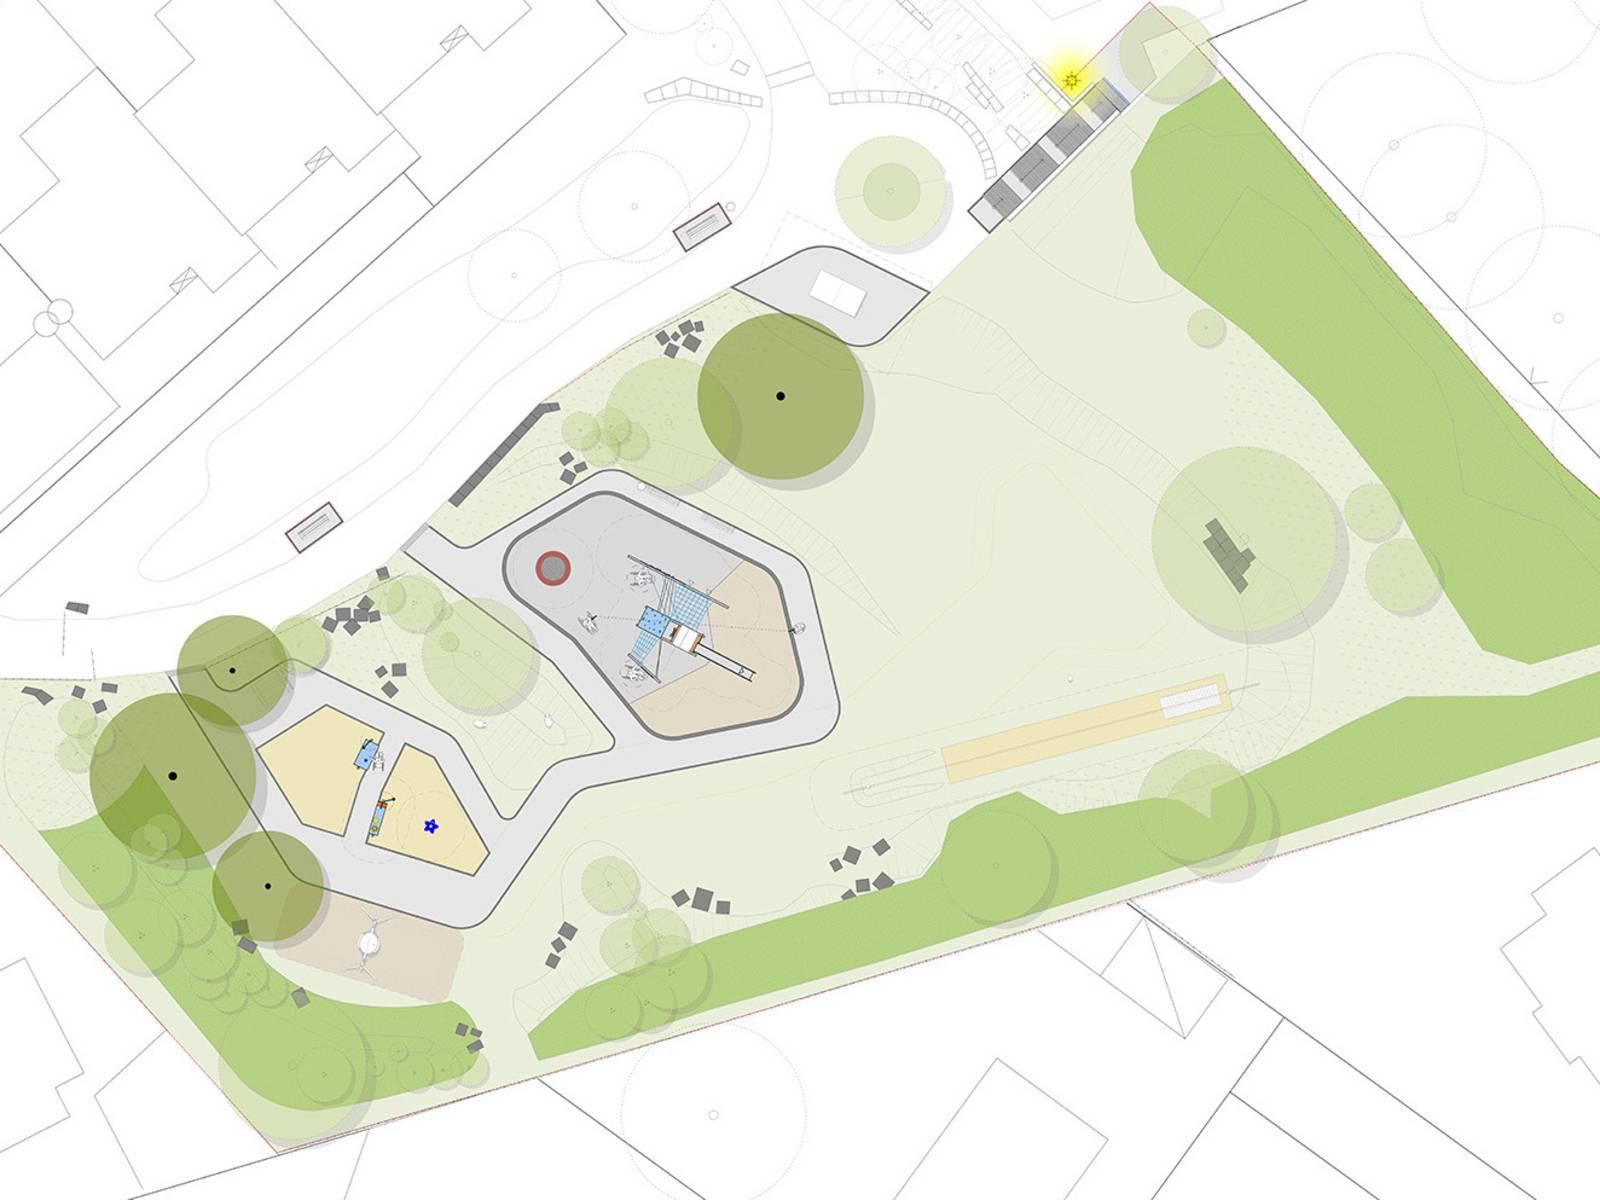 Visualierung eines Spielplatzes.